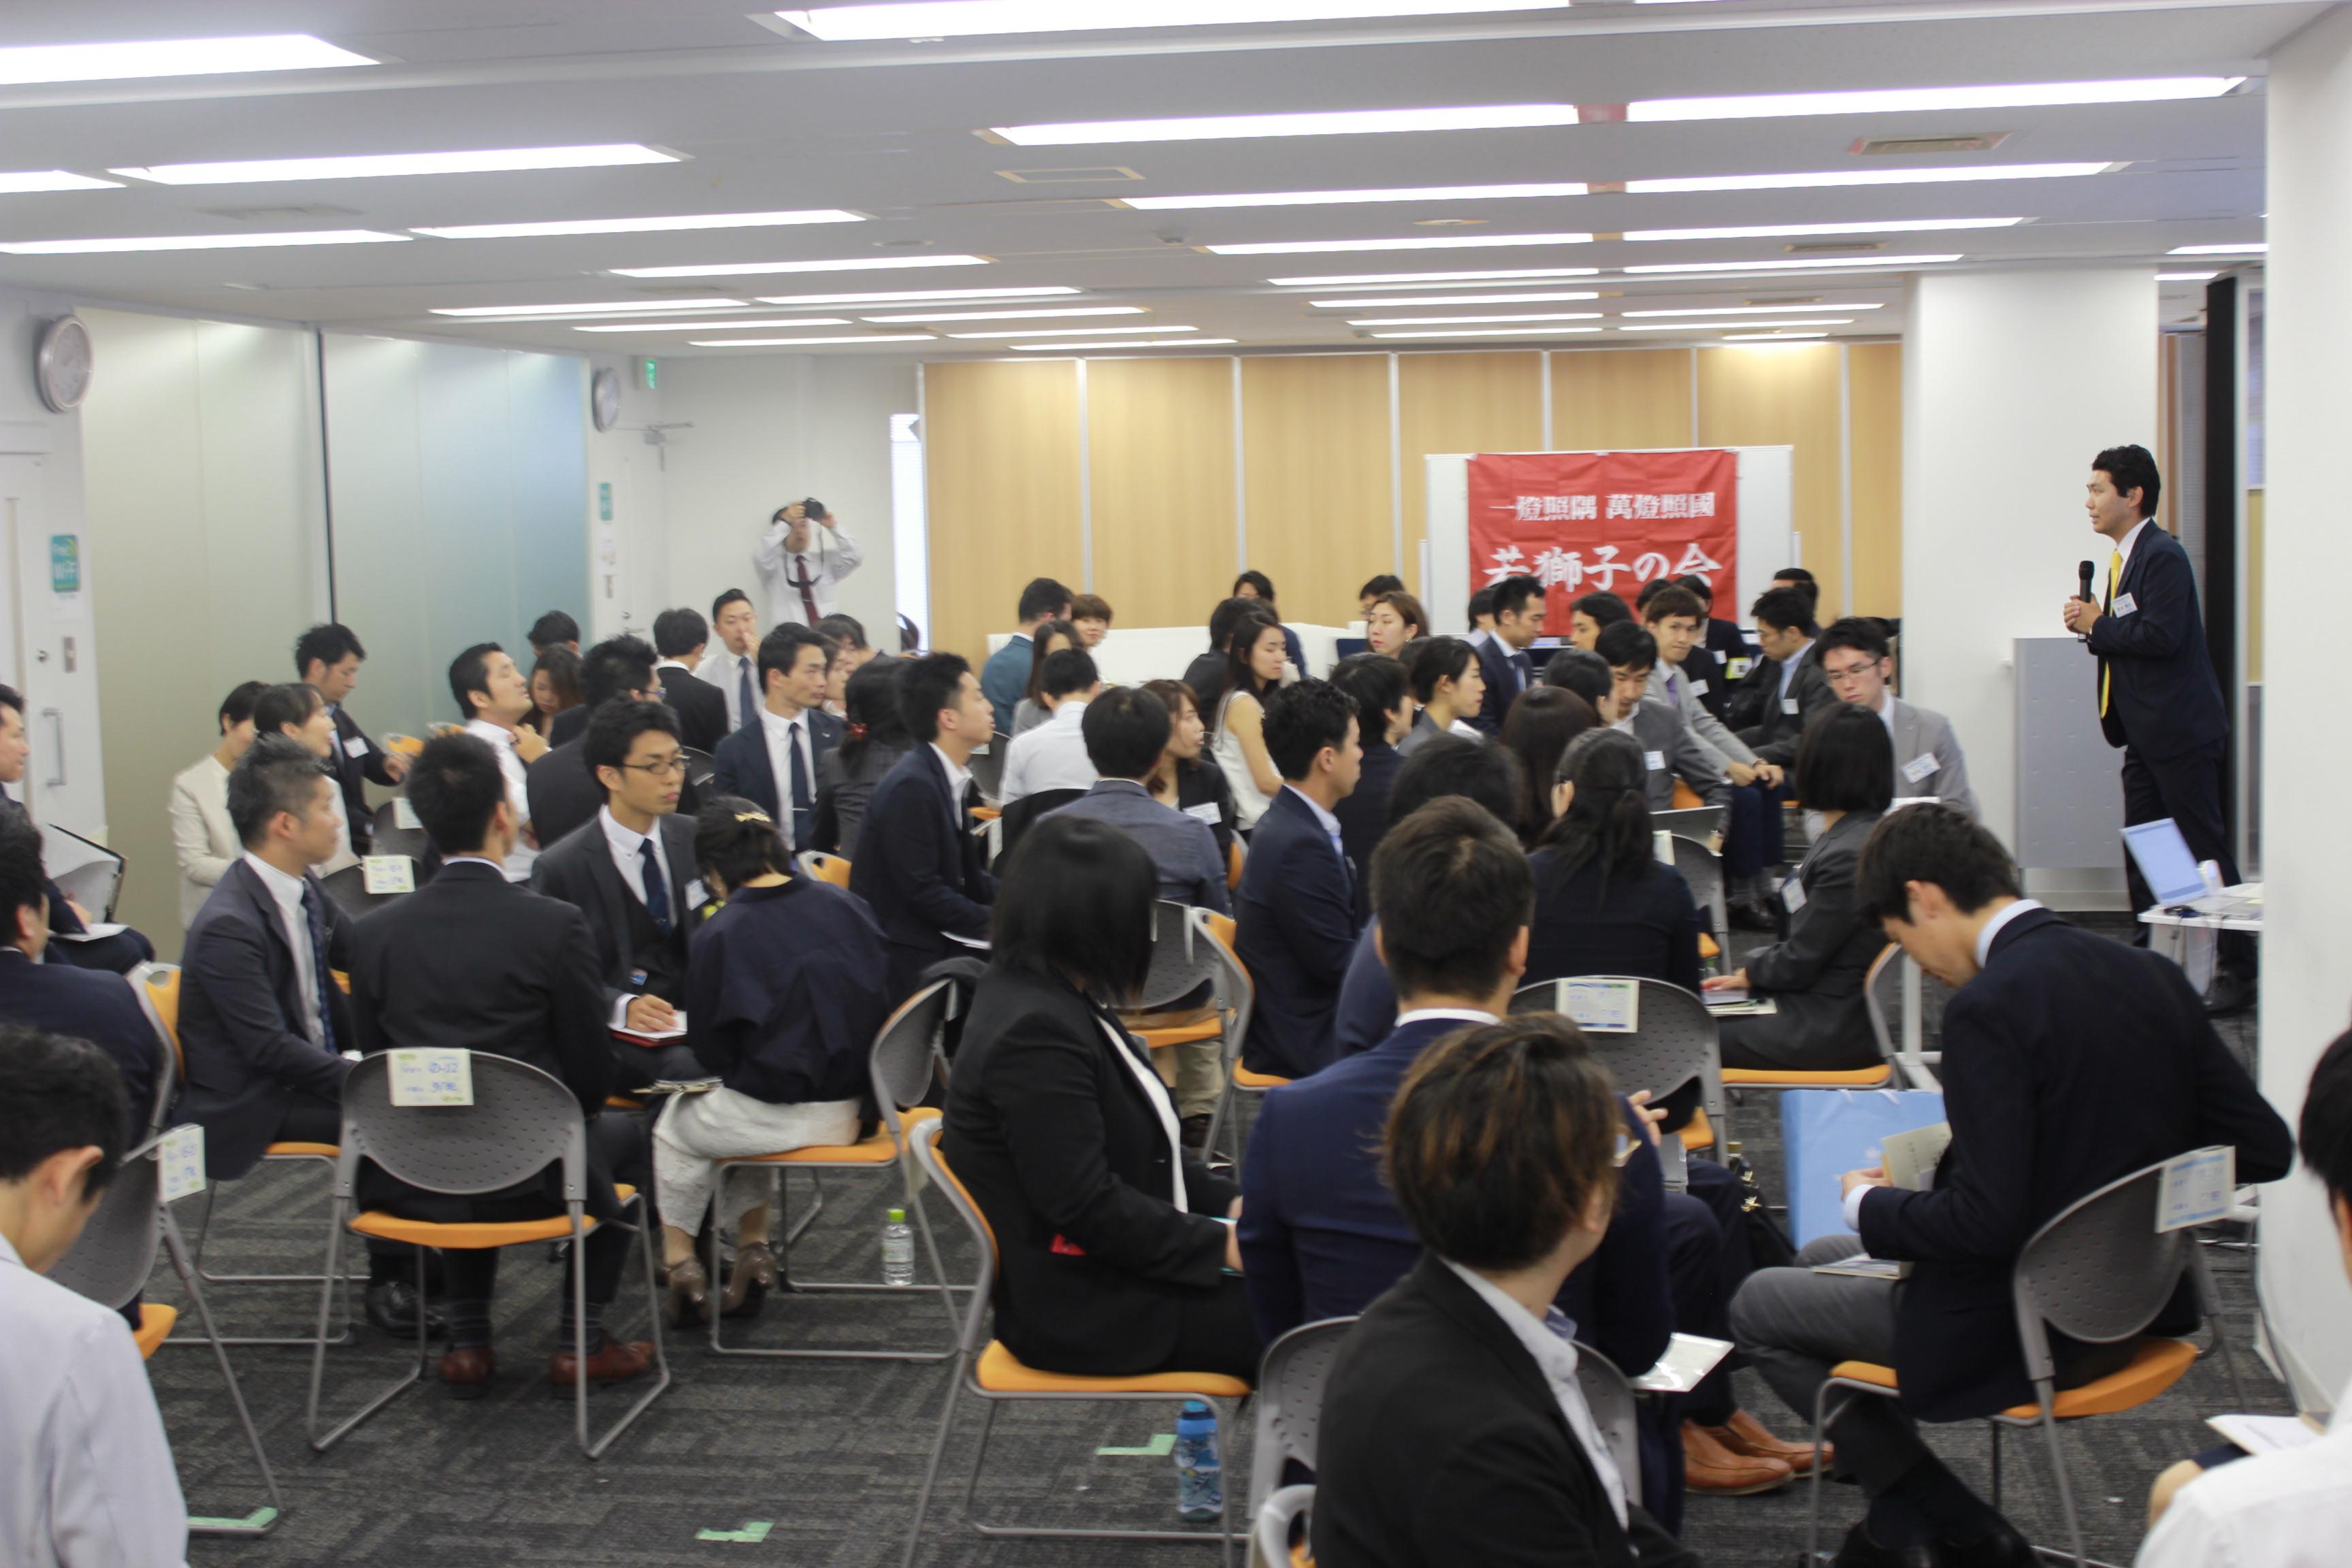 IMG 7780 - 関東若獅子の会、記念すべき第100回